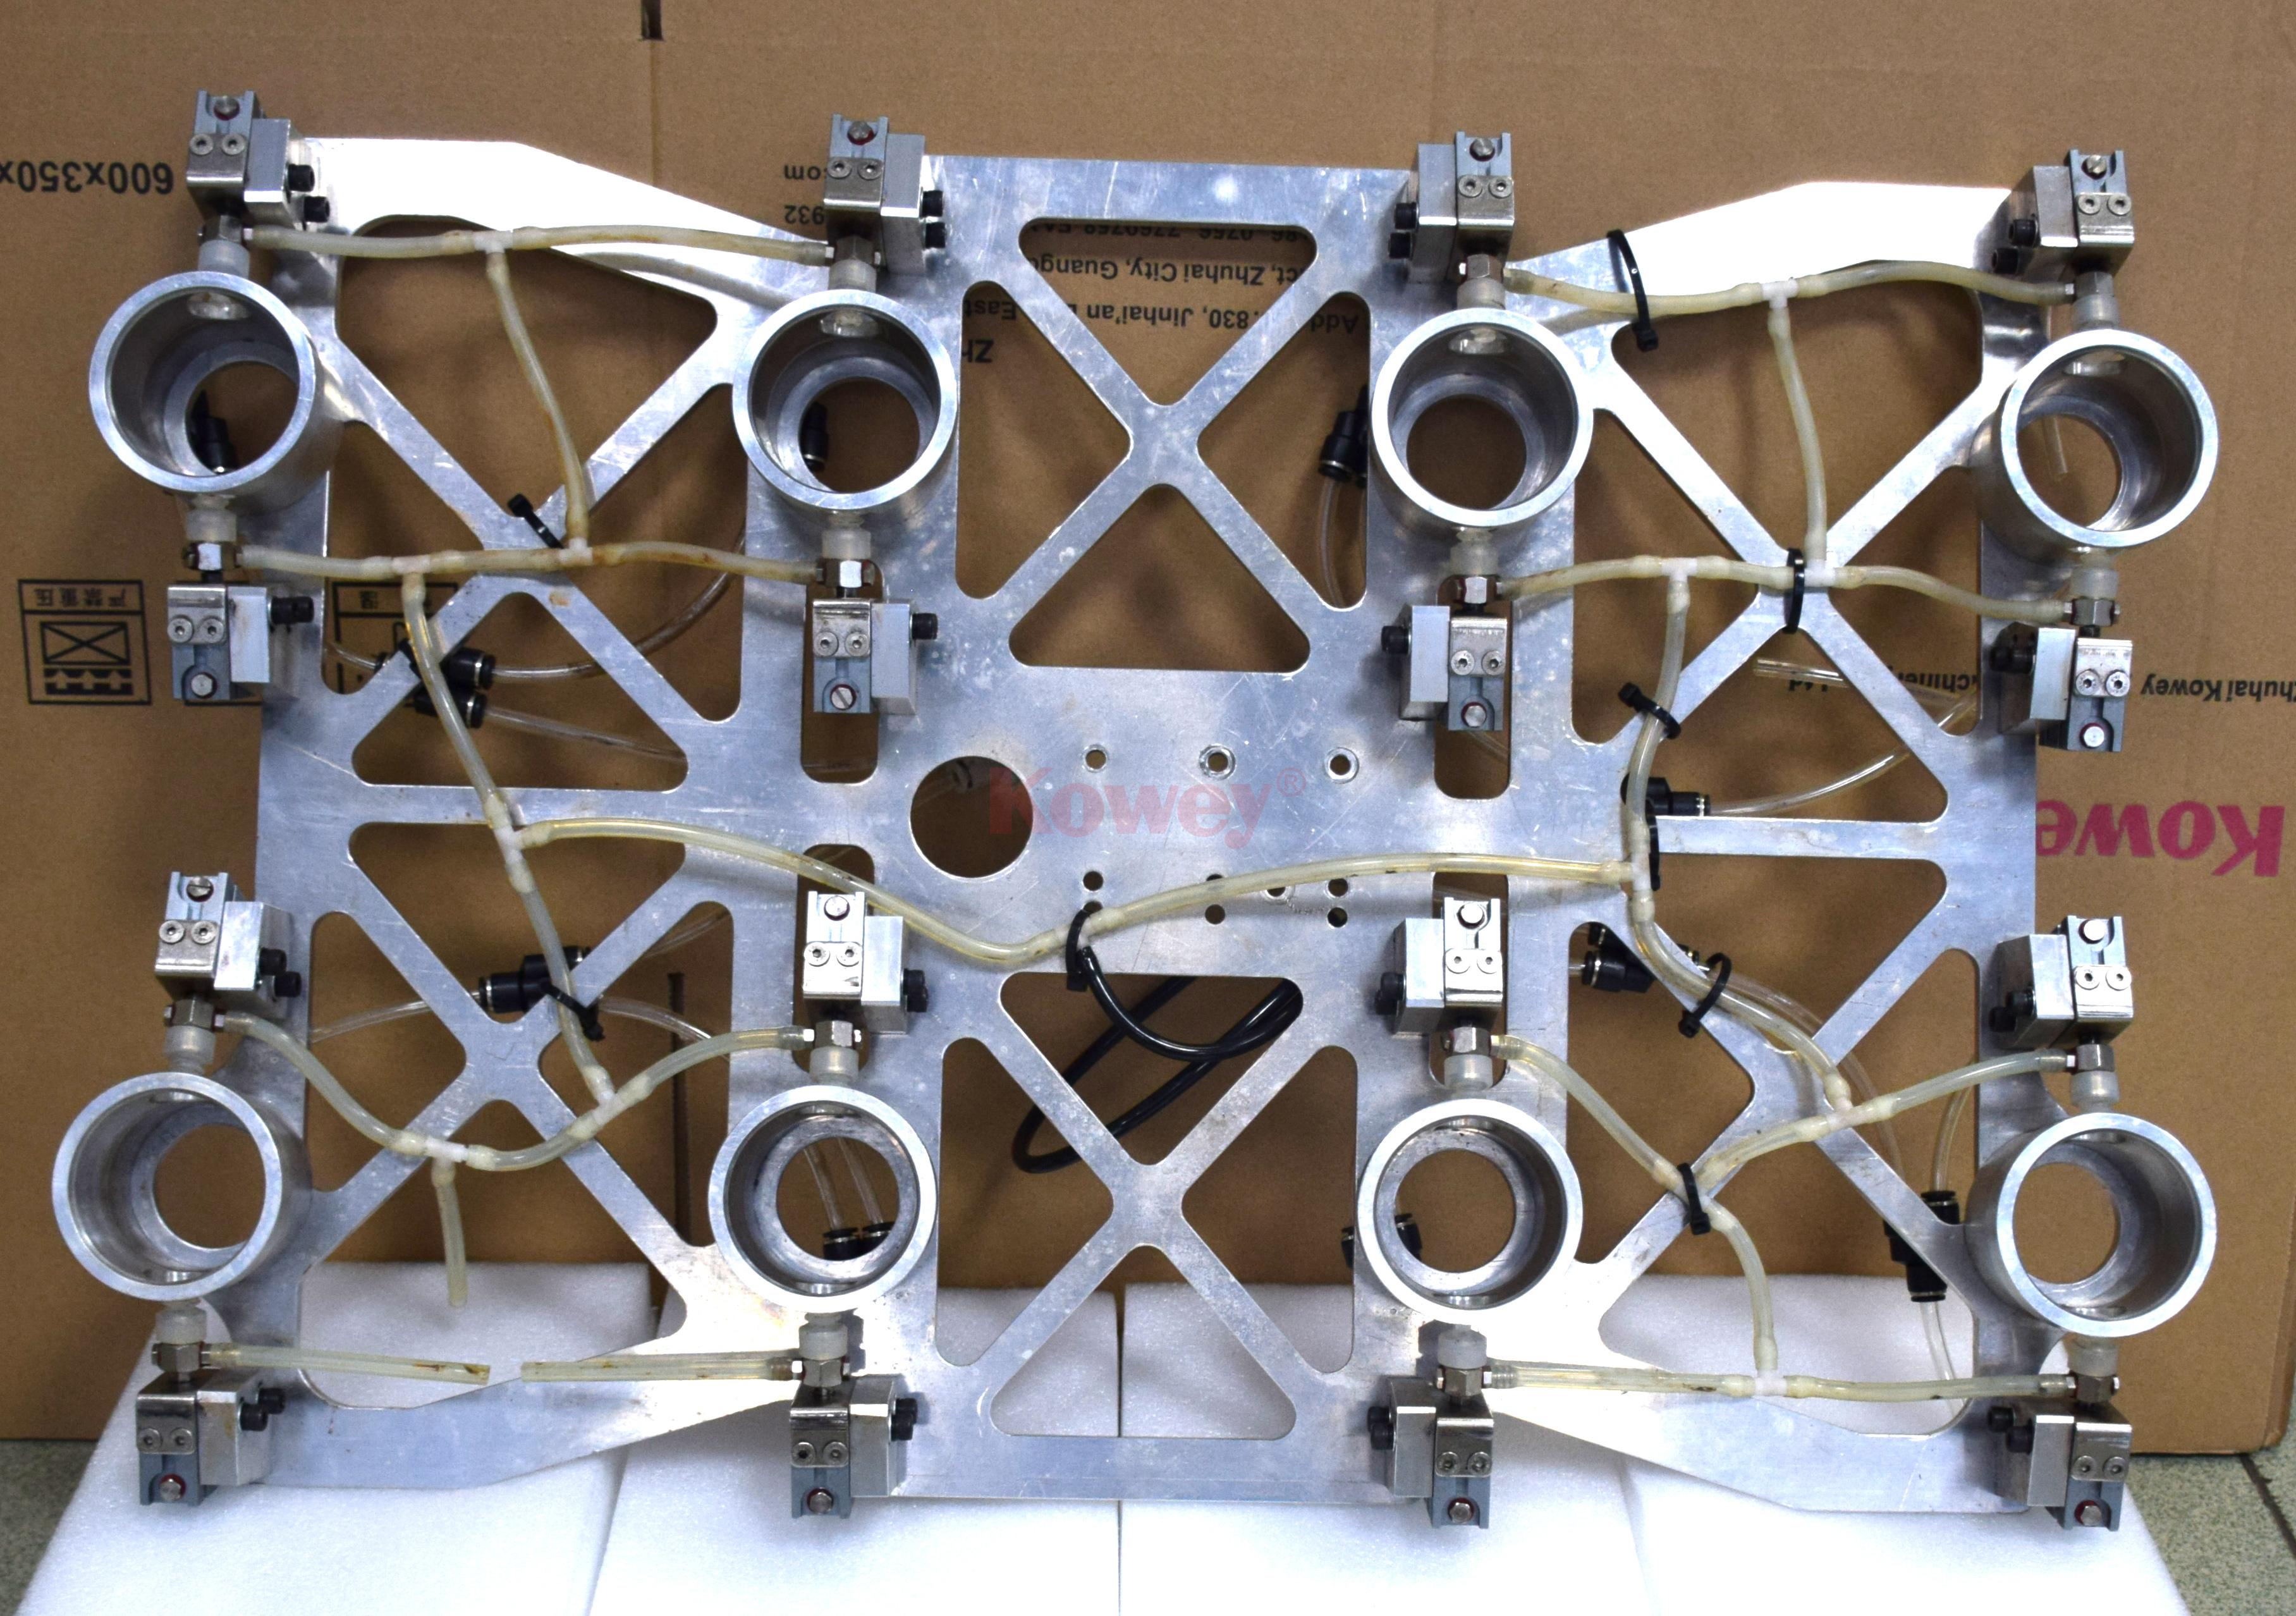 機械手治具-注塑自動化-透明雪糕杯治具-機械手治具定制